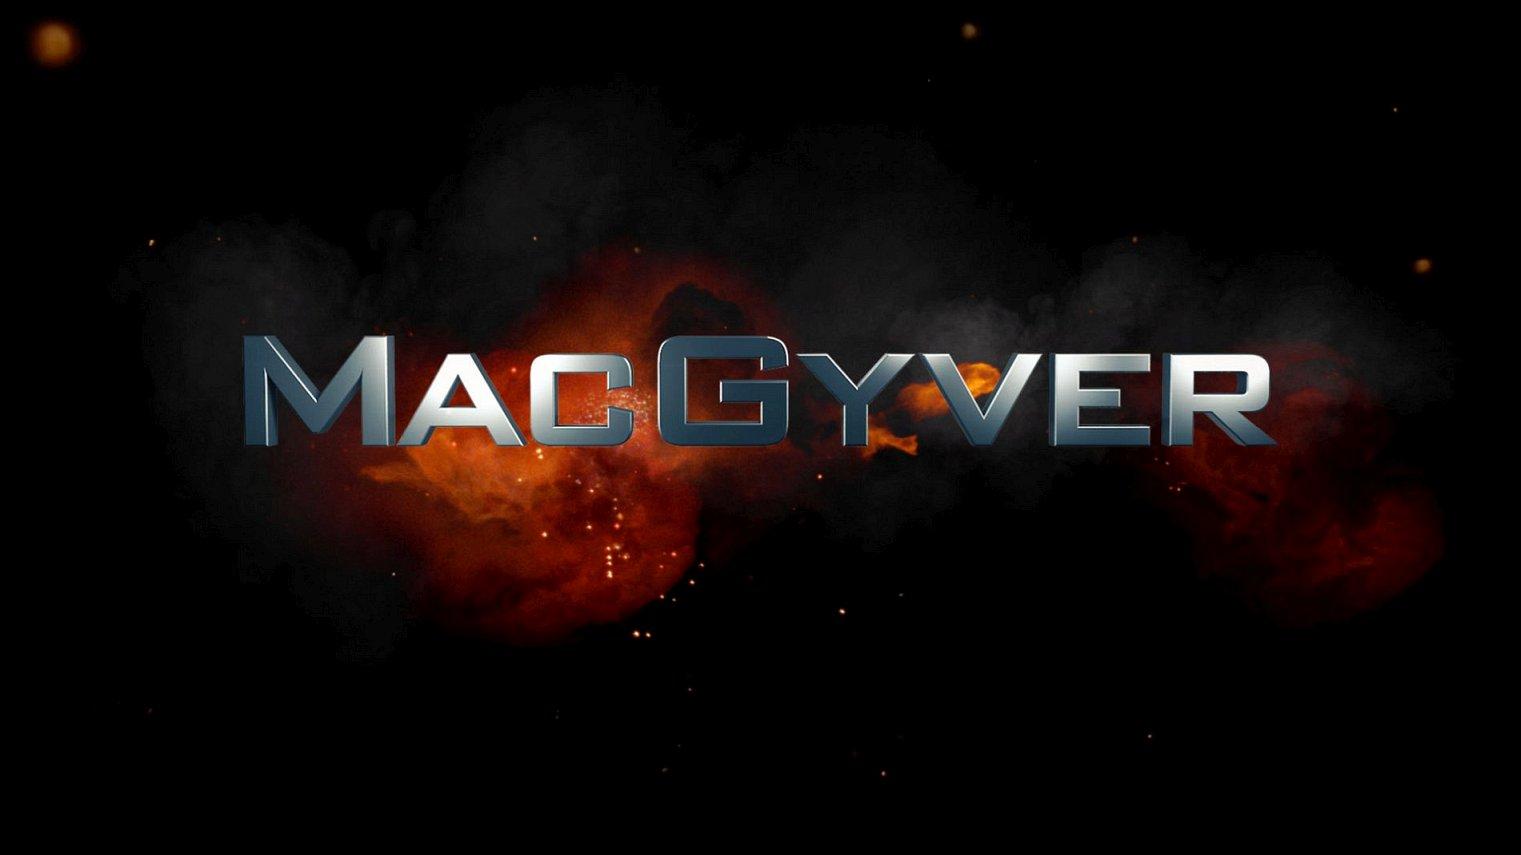 MacGyver S3 episode 2 watch online